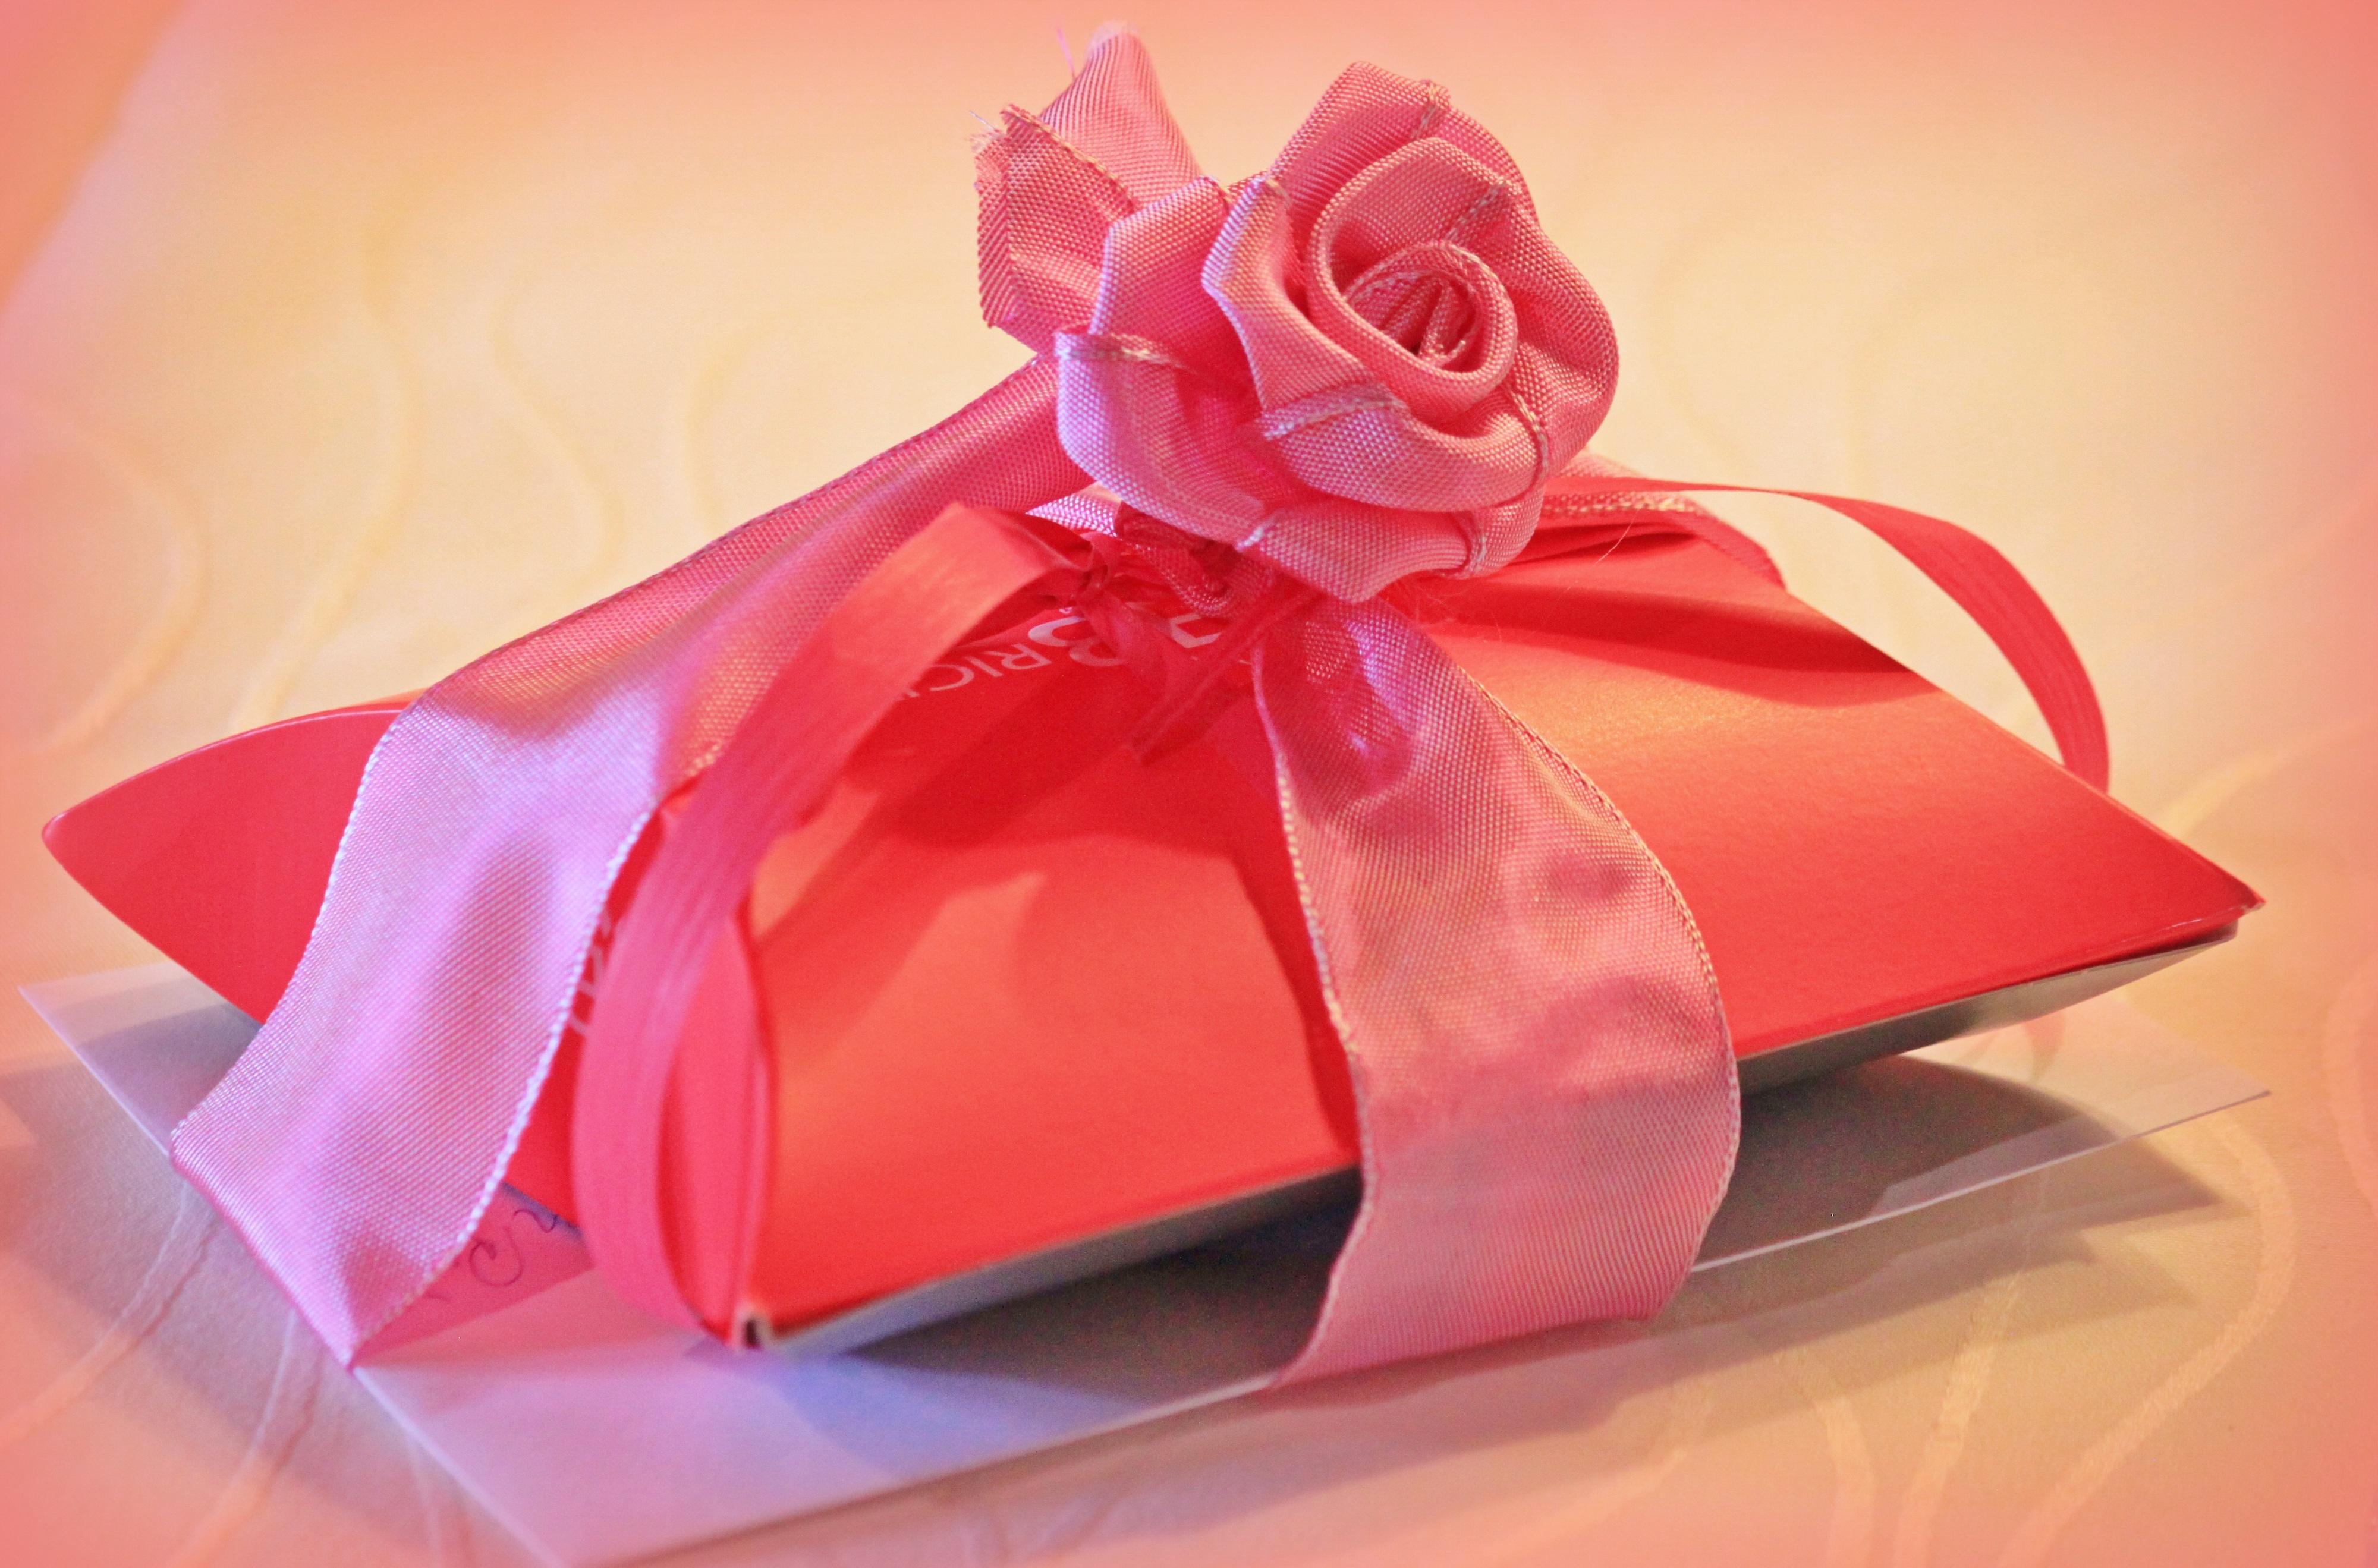 무료 이미지 : 꽃잎, 장미 꽃, 장식, 빨간, 담홍색, 포장지, 즐거움 ...